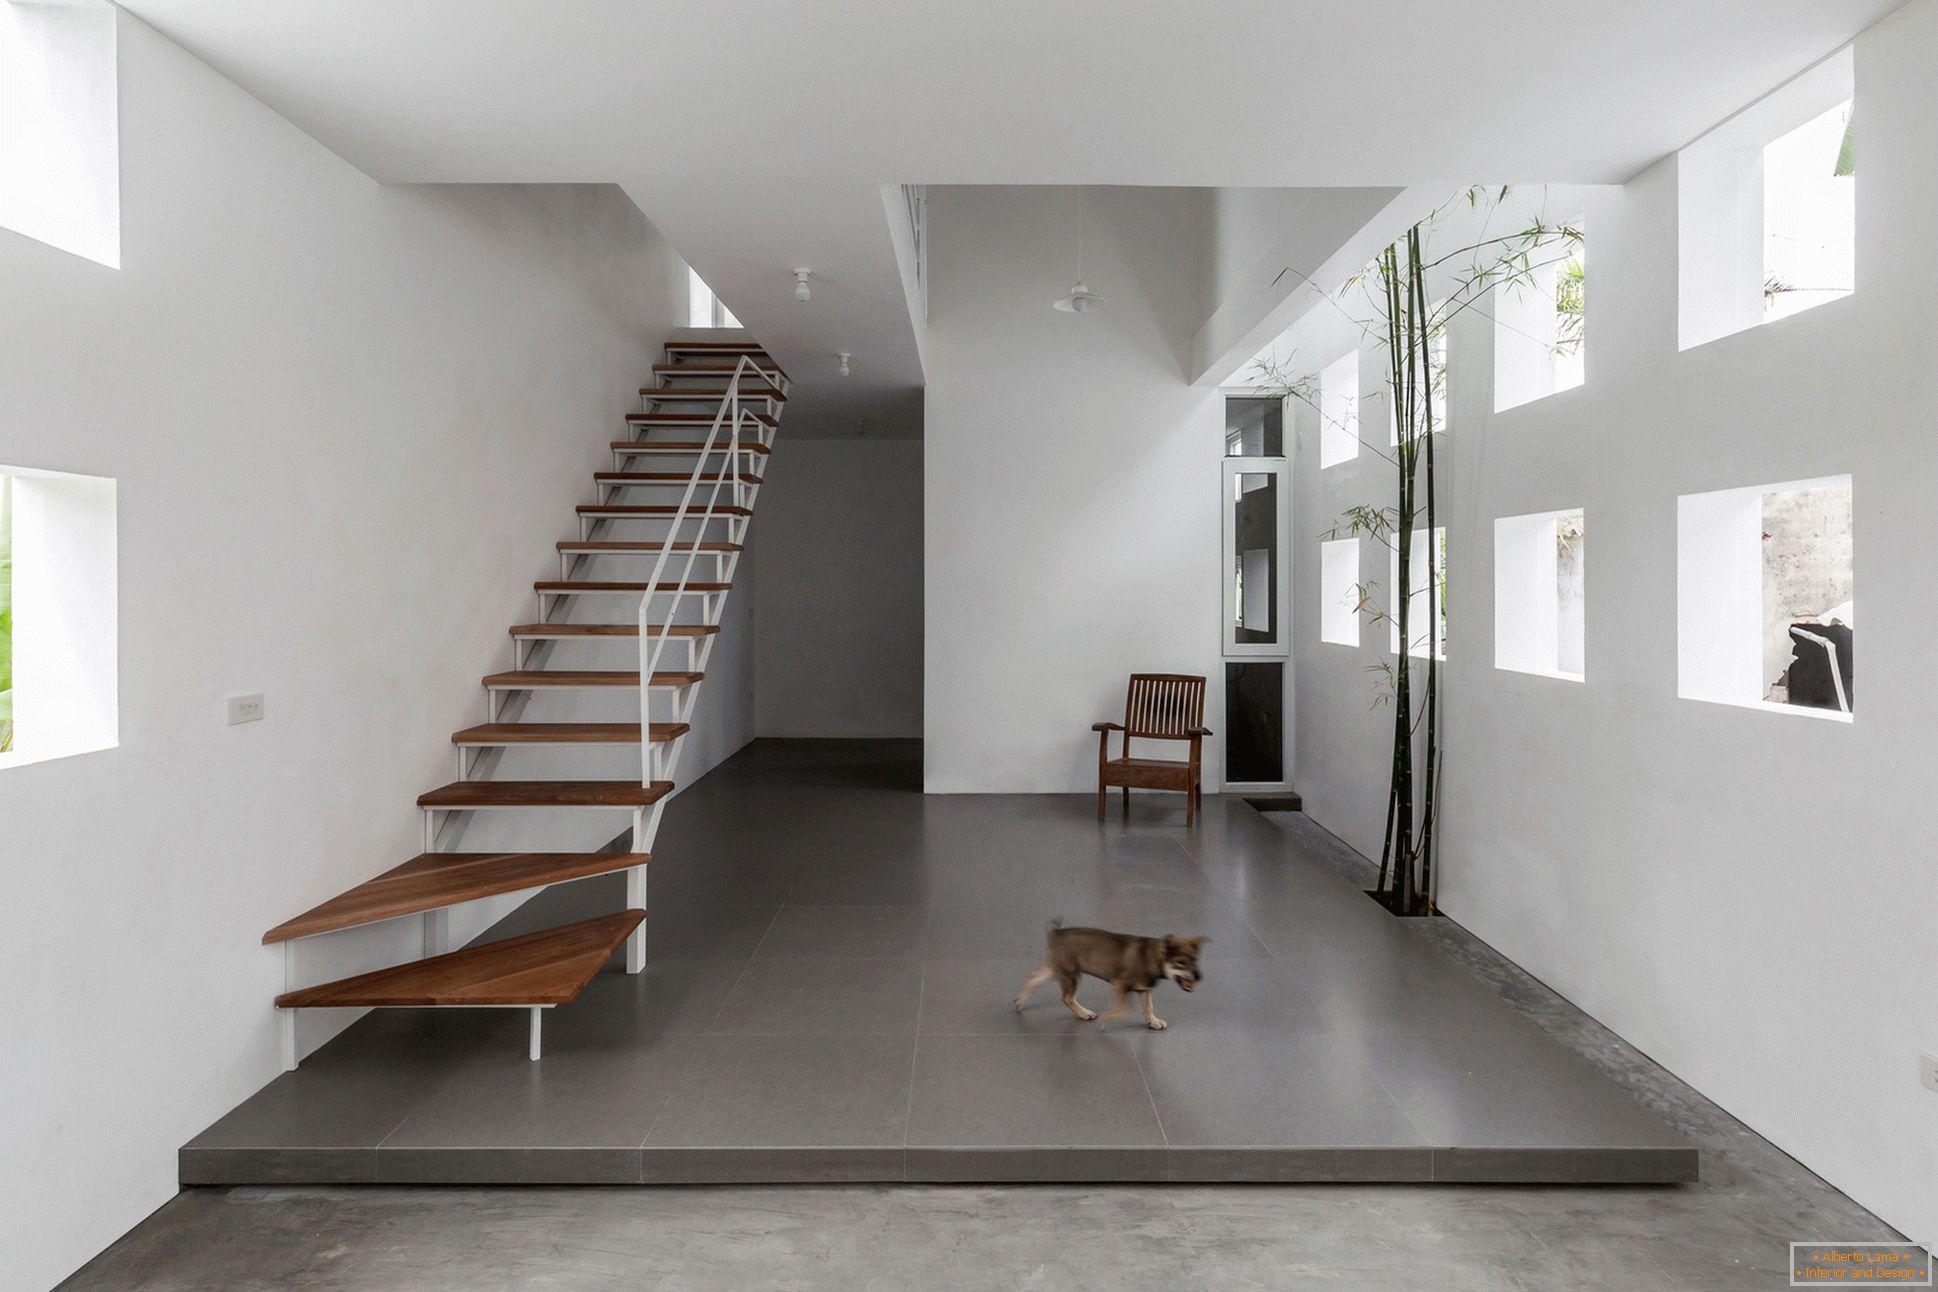 Escalier dans une maison étroite en béton